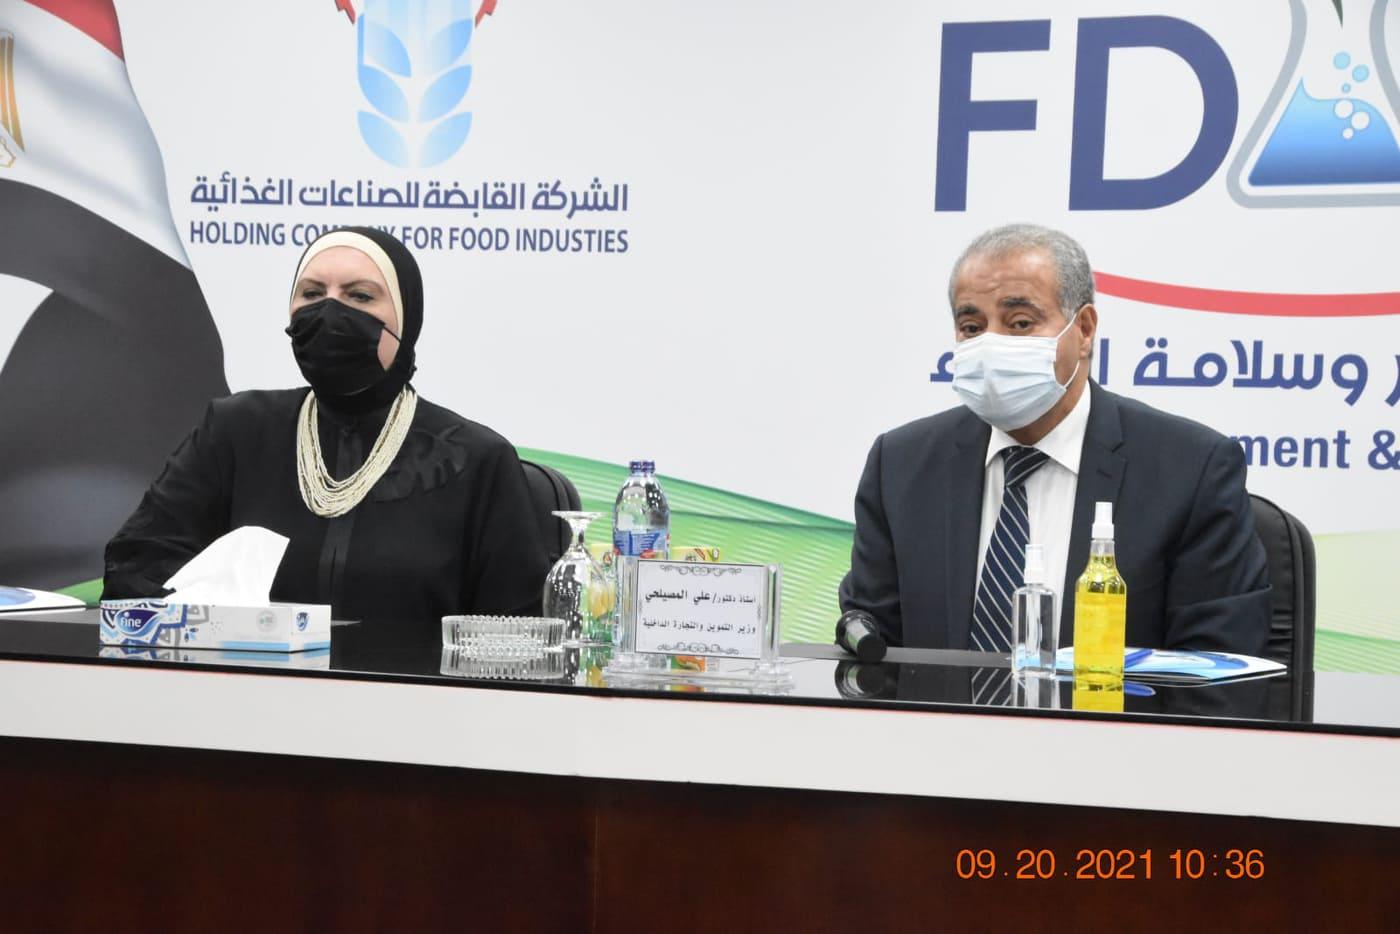 وزير التموين ووزيرة التجارة والصناعة فتتح أعمال تطوير مركز سلامه وتطوير الغذاء